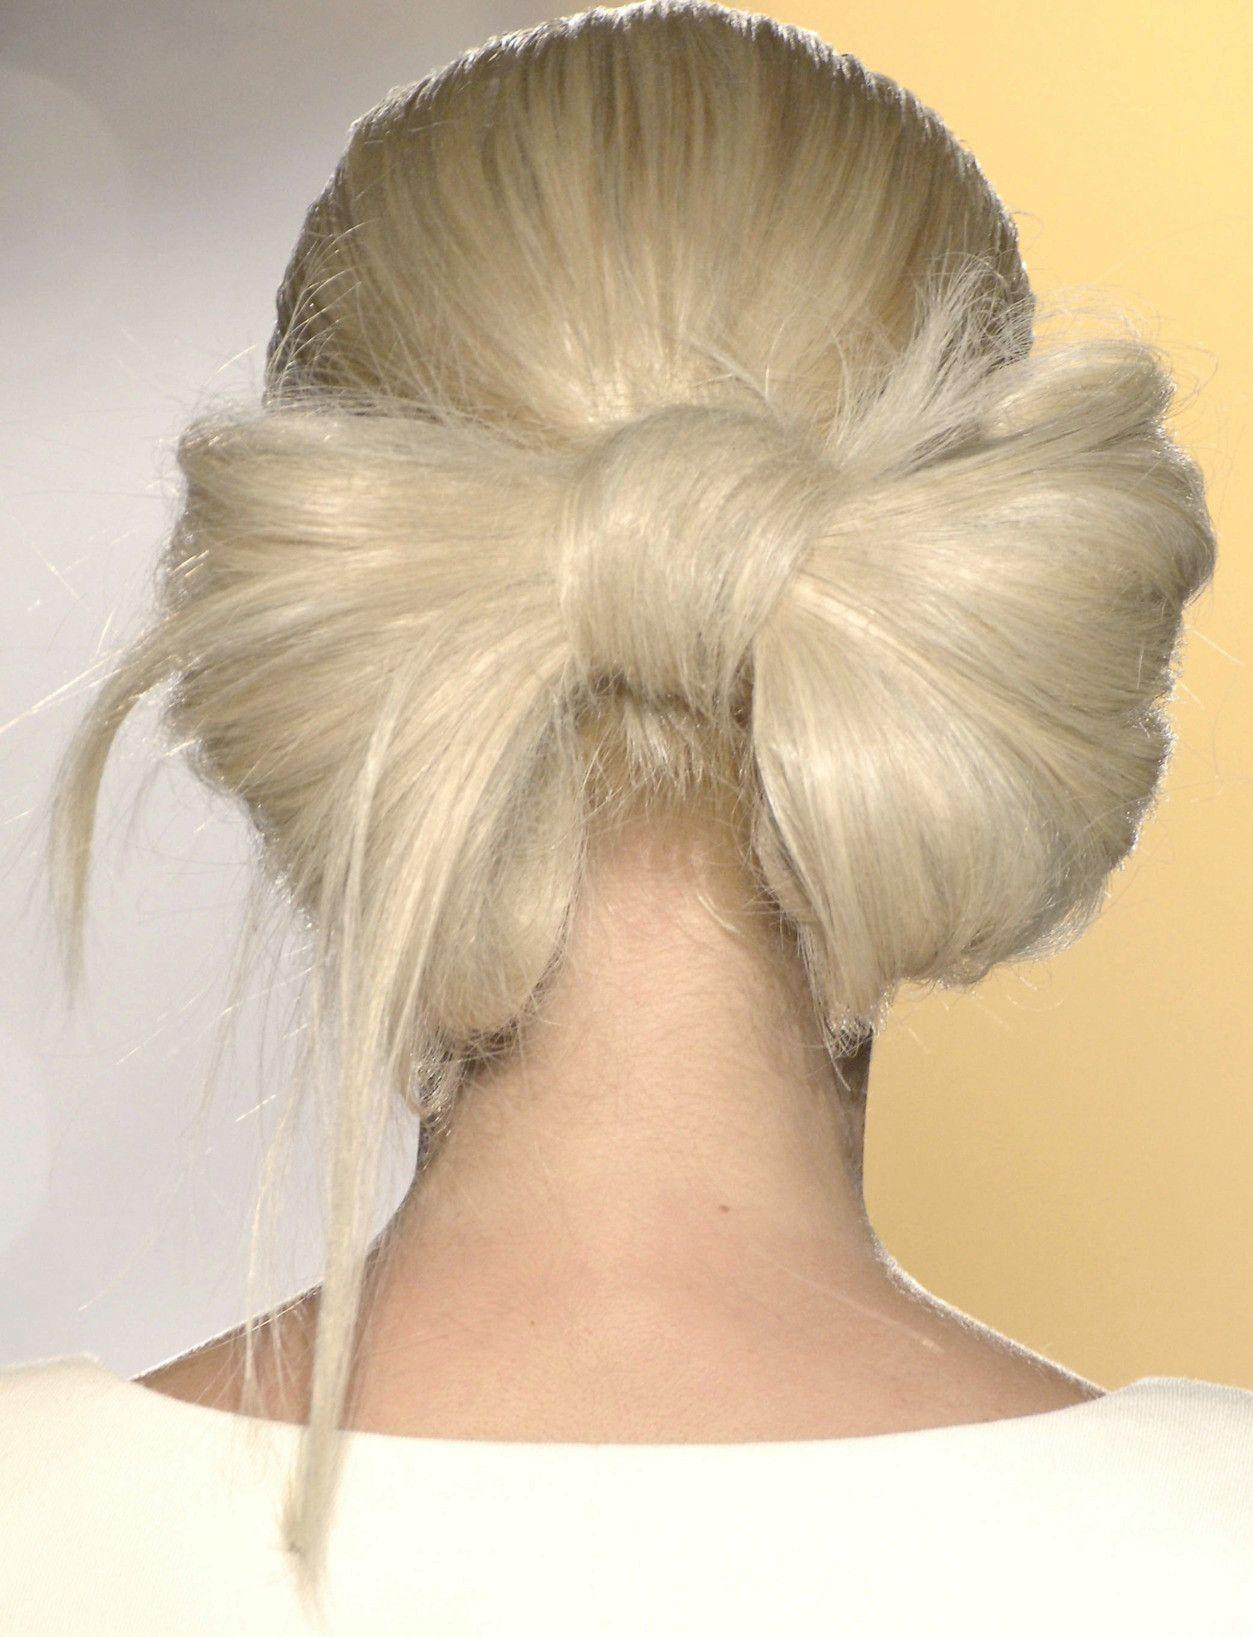 los 100 moños que harán de este recogido el peinado del verano